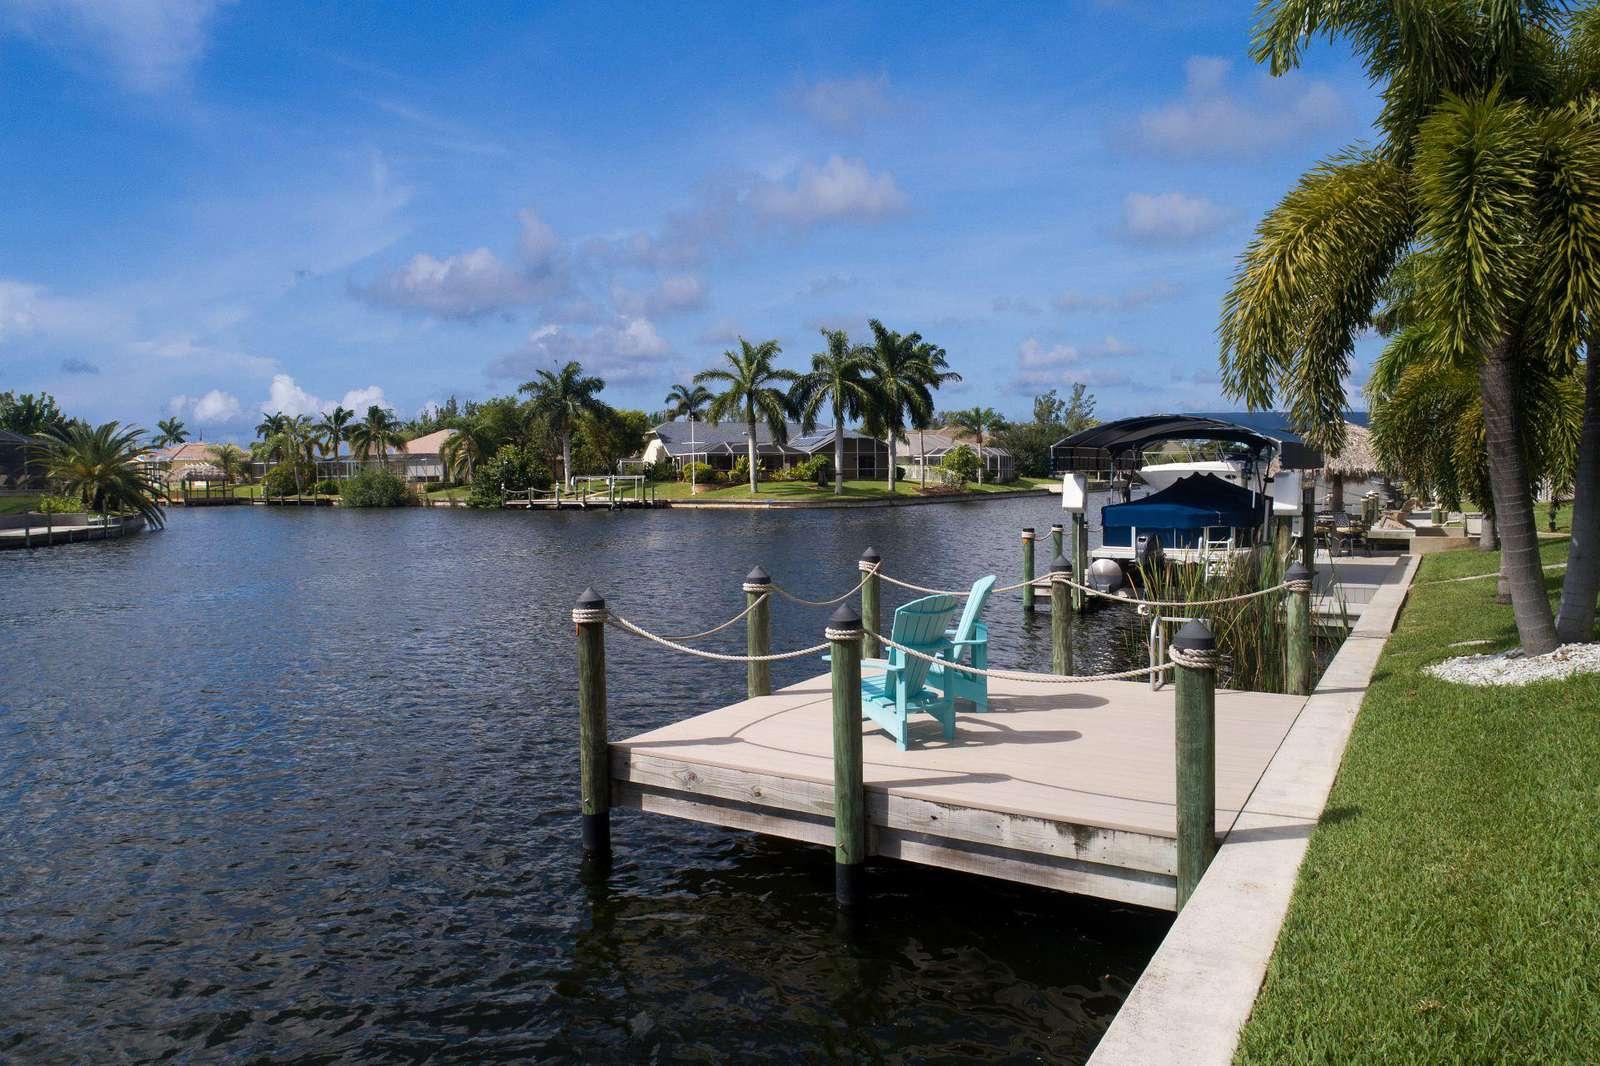 Wischis Florida Home - Ferienvilla Cape Coral - Hausverwaltung - Immobilien